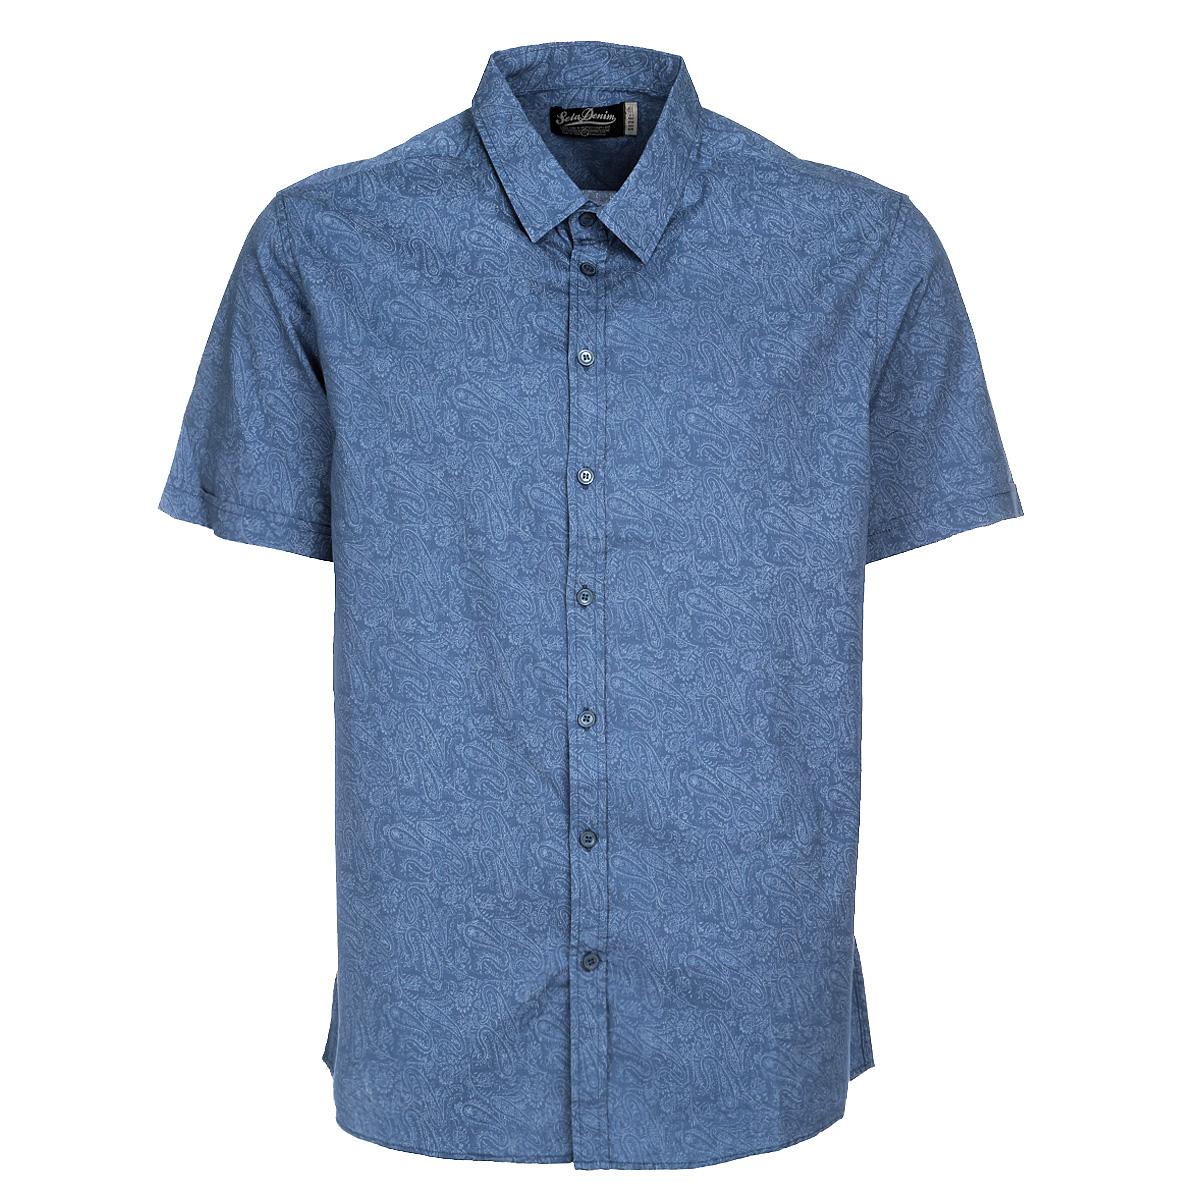 Рубашка мужская. Hs-212/140-5244Hs-212/140-5244Стильная рубашка Sela с короткими рукавами, отложным воротником и застежкой на пуговицы. Модель оформлена оригинальным принтом. Рубашка, выполненная из хлопка, обладает высокой теплопроводностью, воздухопроницаемостью и гигроскопичностью, позволяет коже дышать, тем самым обеспечивая наибольший комфорт при носке даже самым жарким летом. Такая рубашка будет дарить вам комфорт в течение всего дня и послужит замечательным дополнением к вашему гардеробу.